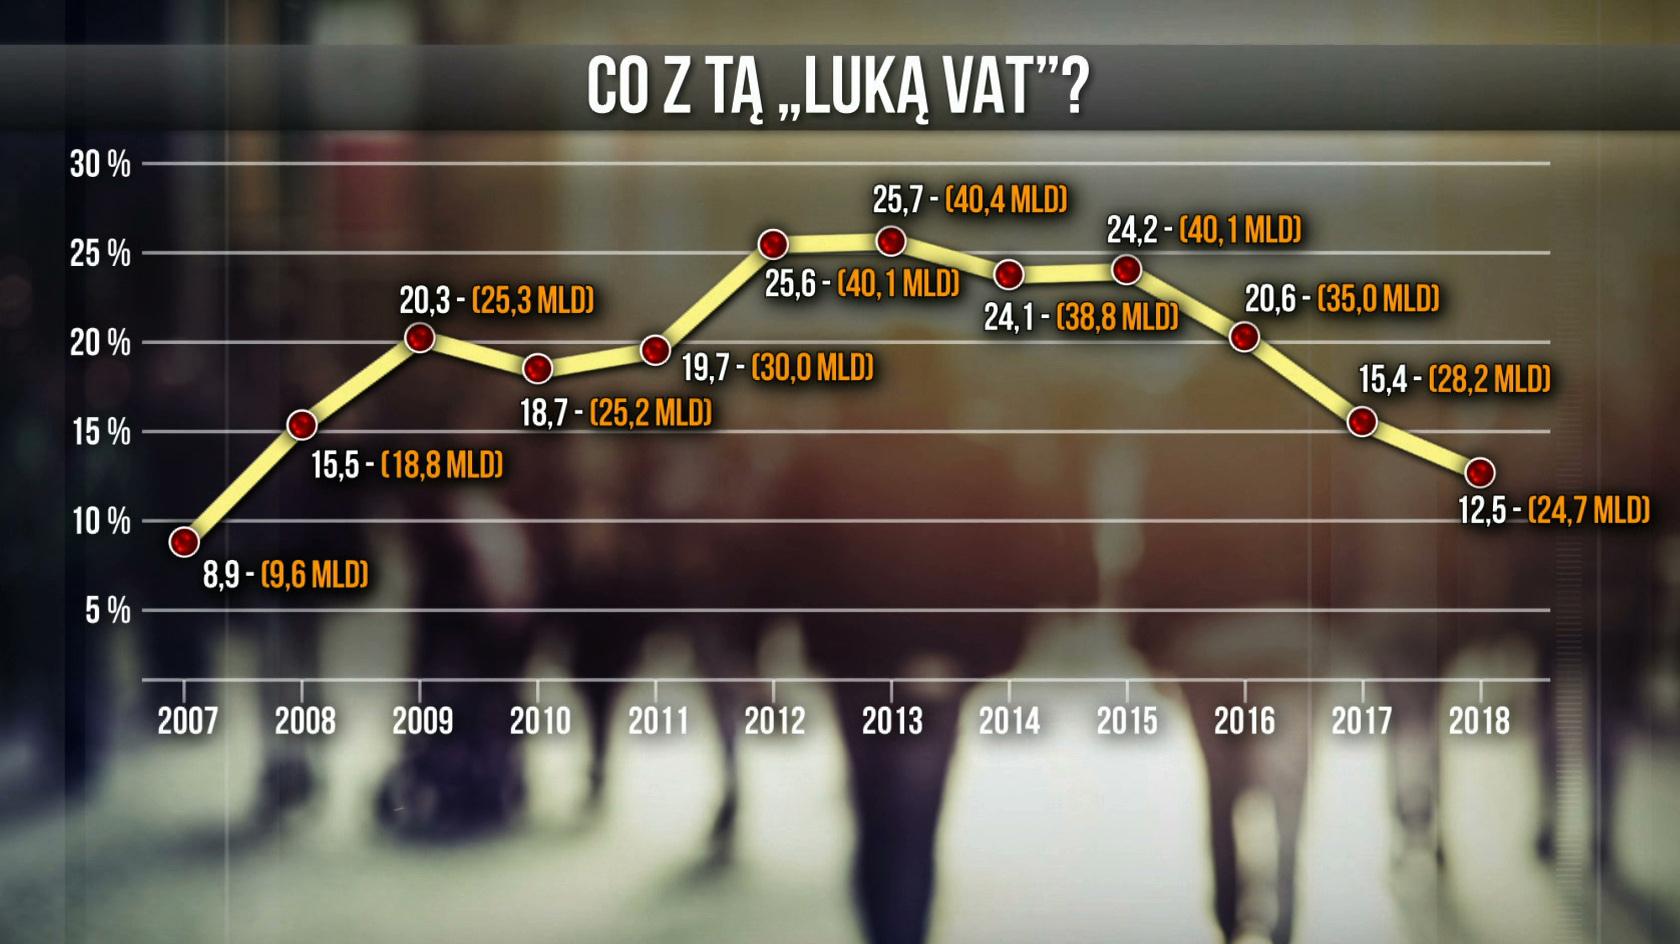 Jak wyglądała luka VAT według resortu finansów?